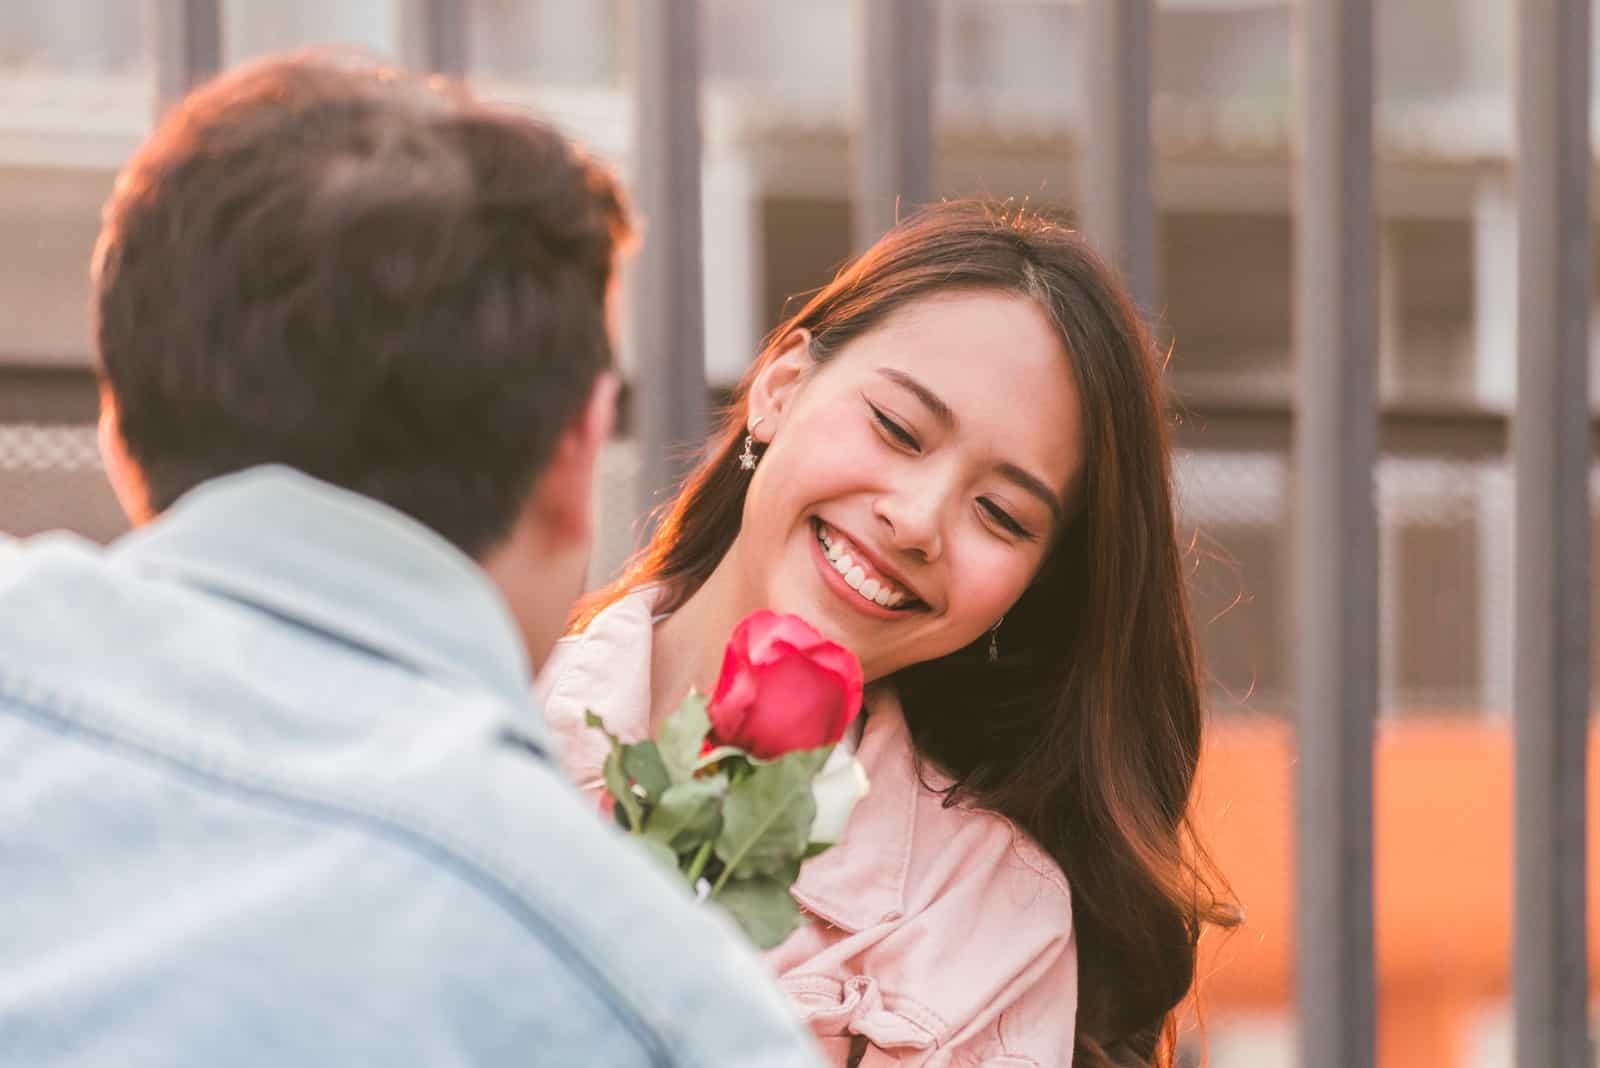 Ein Mann hat einer schönen Frau eine Rose geschenkt